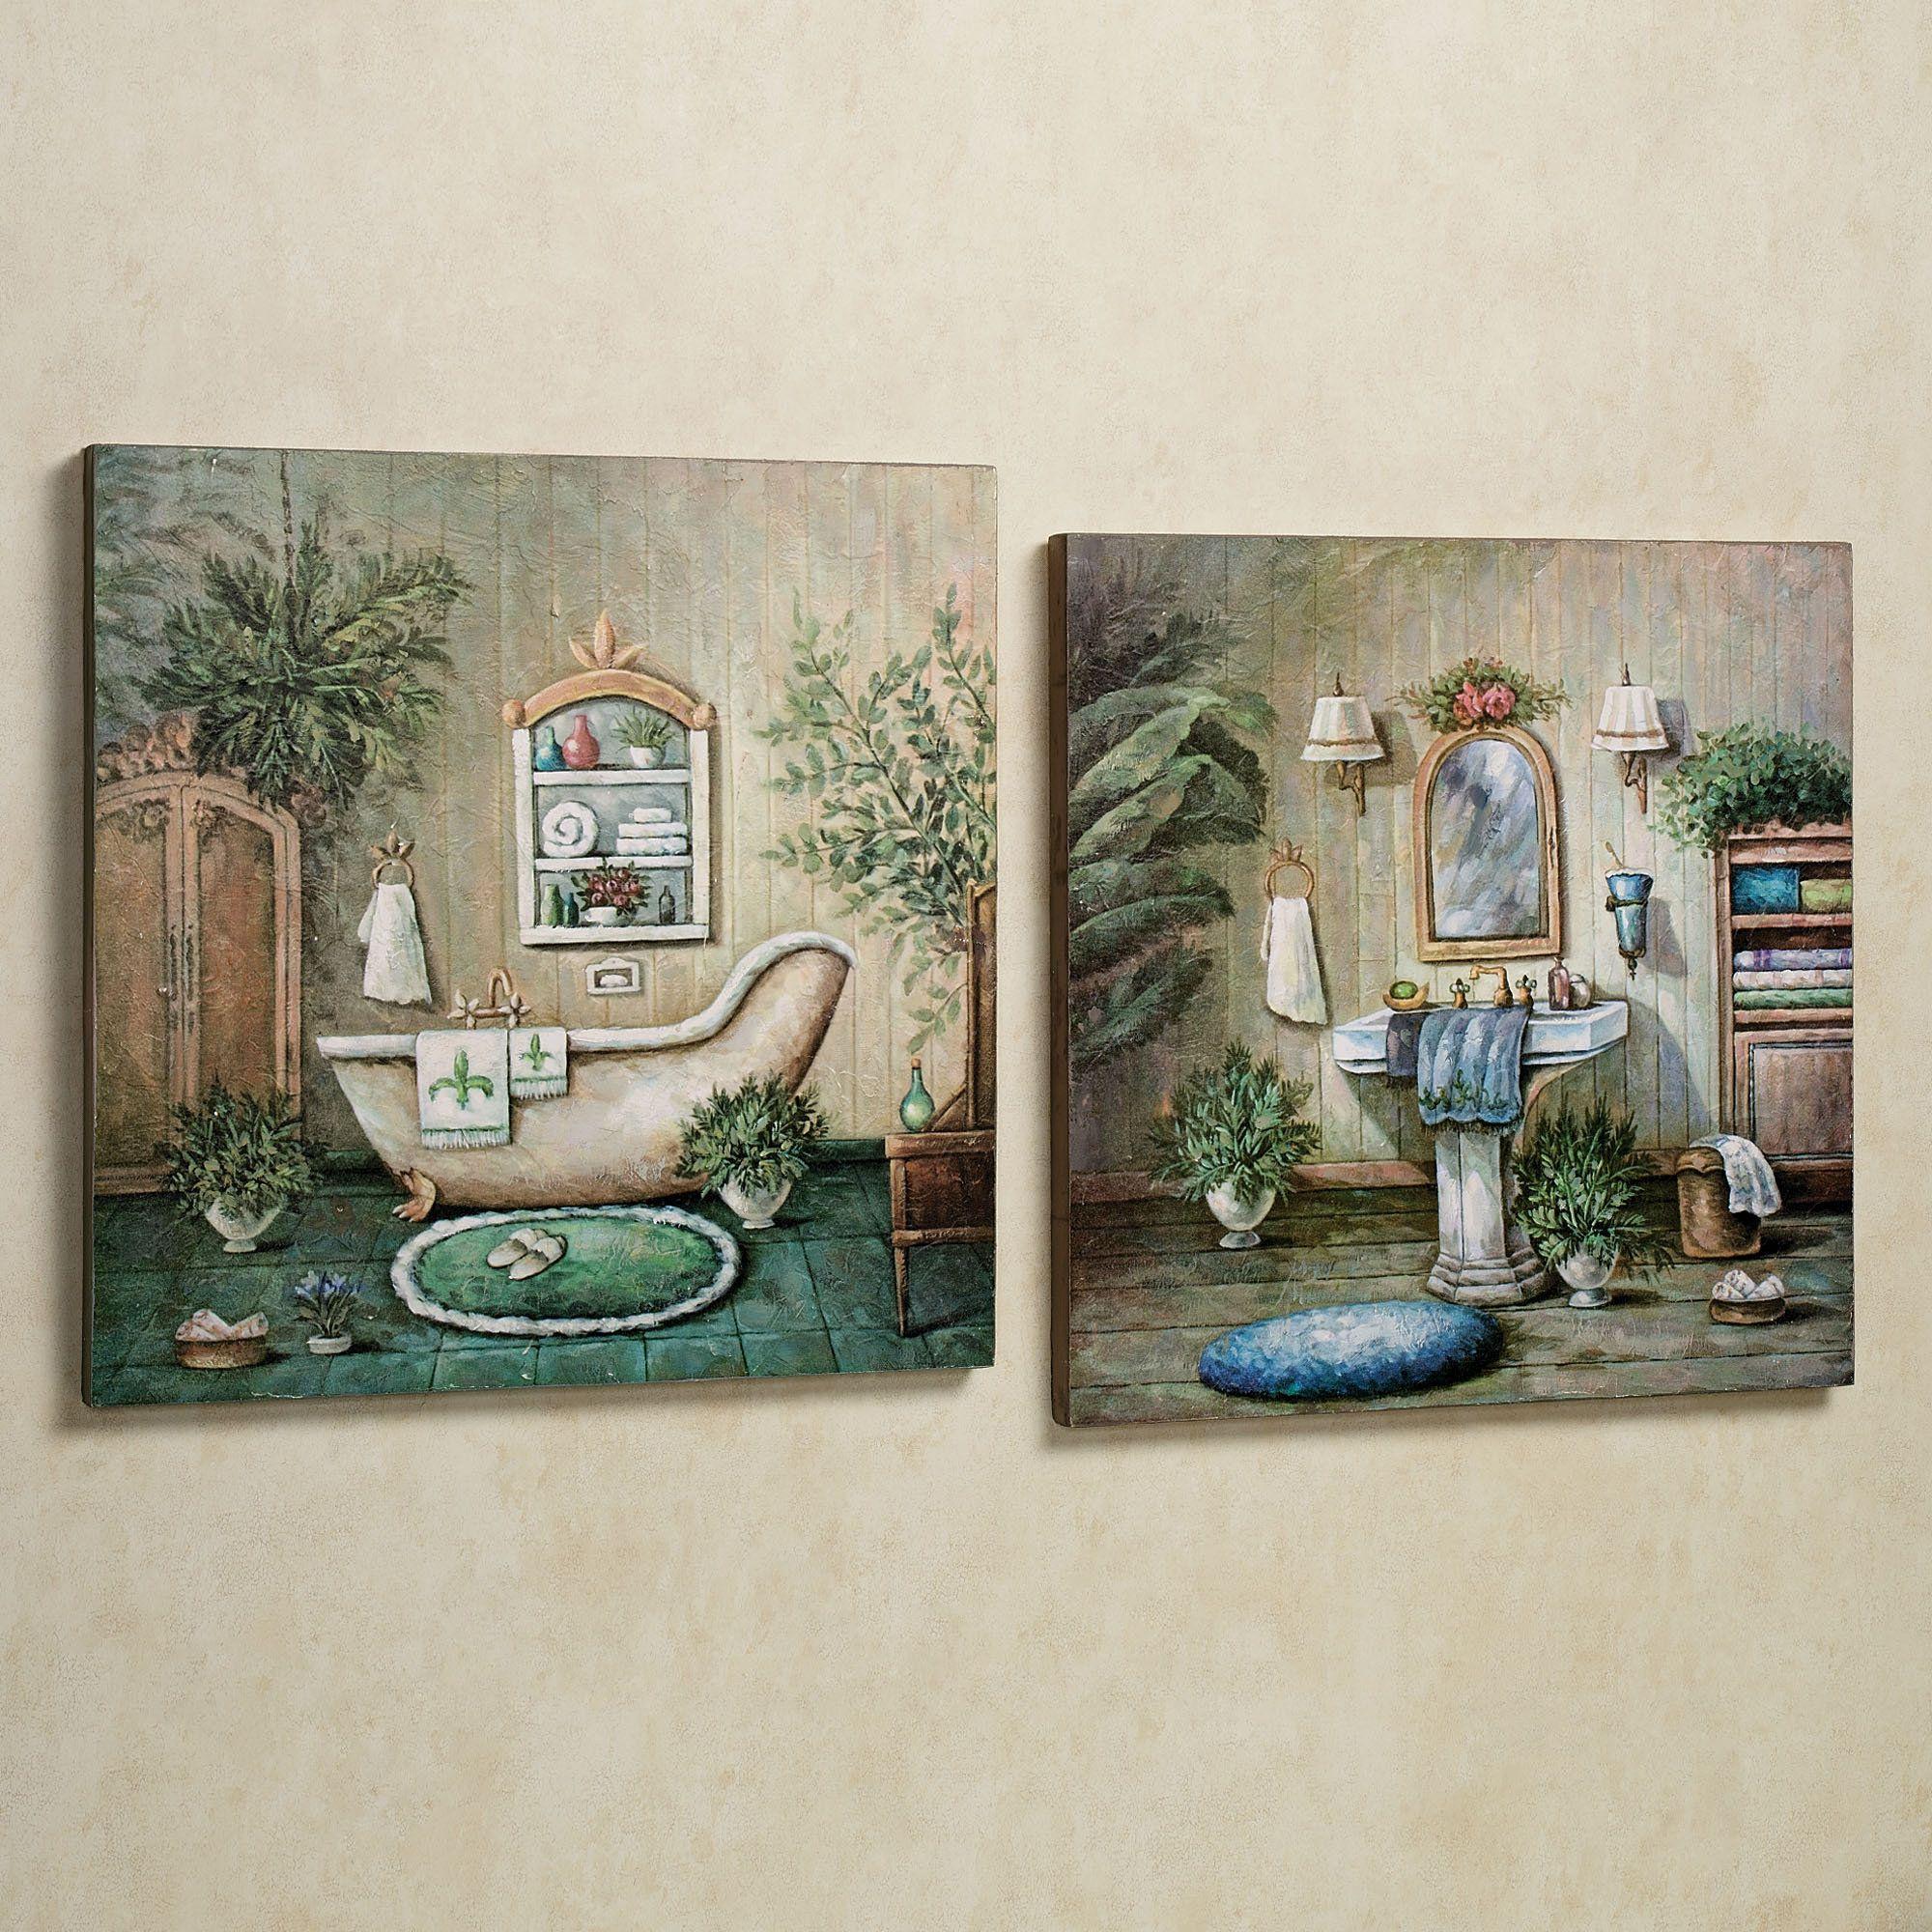 Blissful Bath Wooden Wall Art Plaque Set | Wall Decor ...